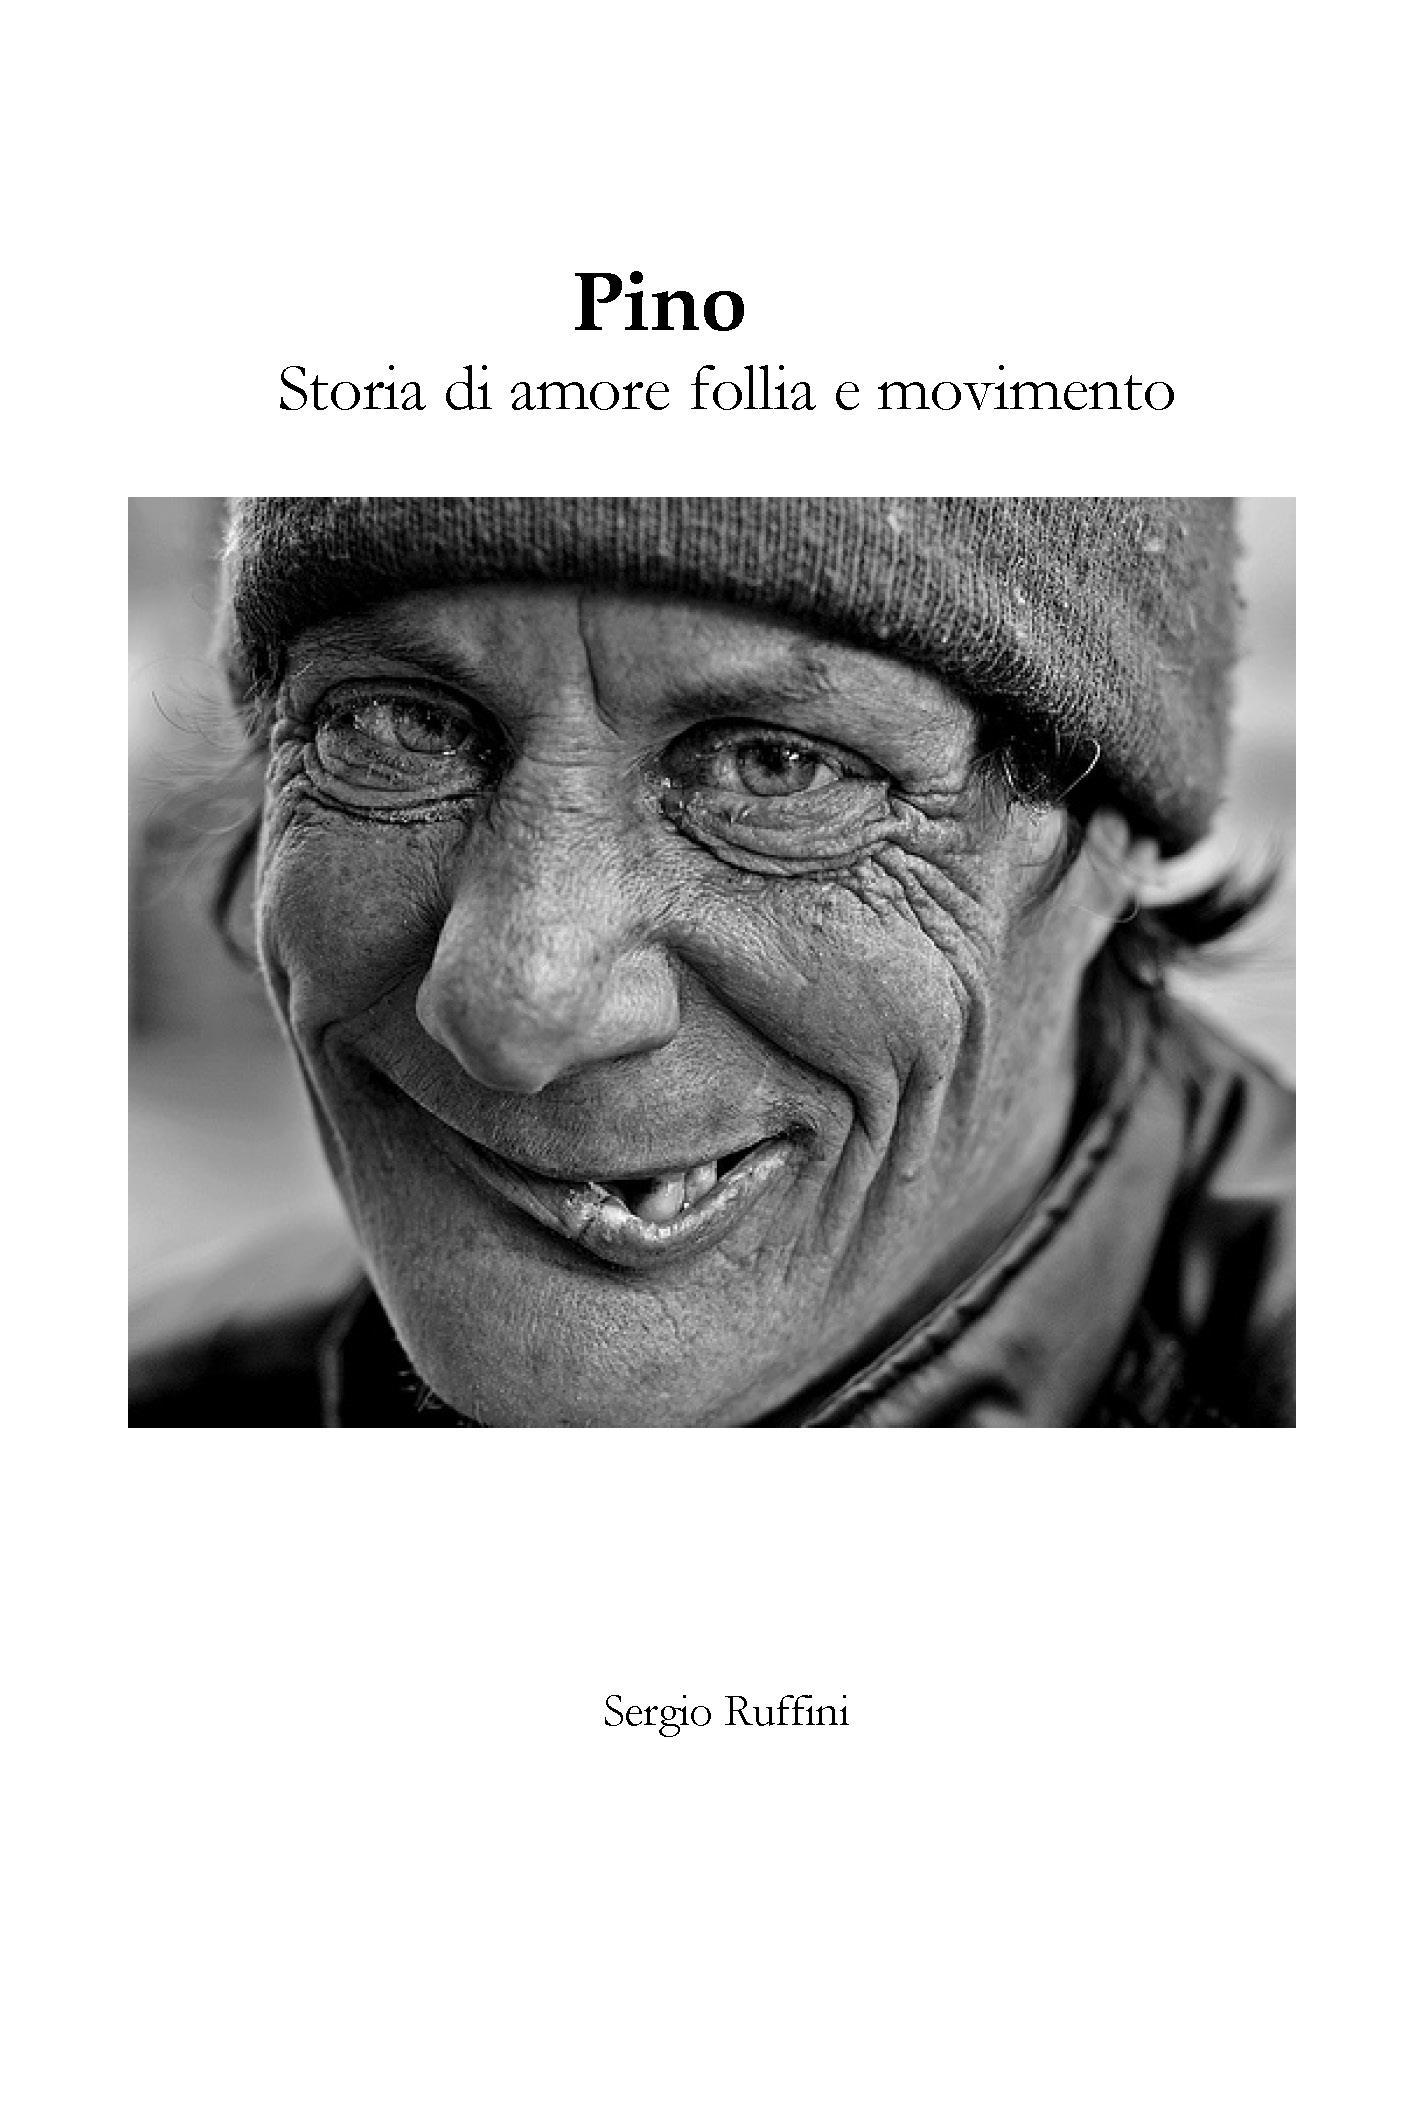 Pino - Storia di amore follia e movimento